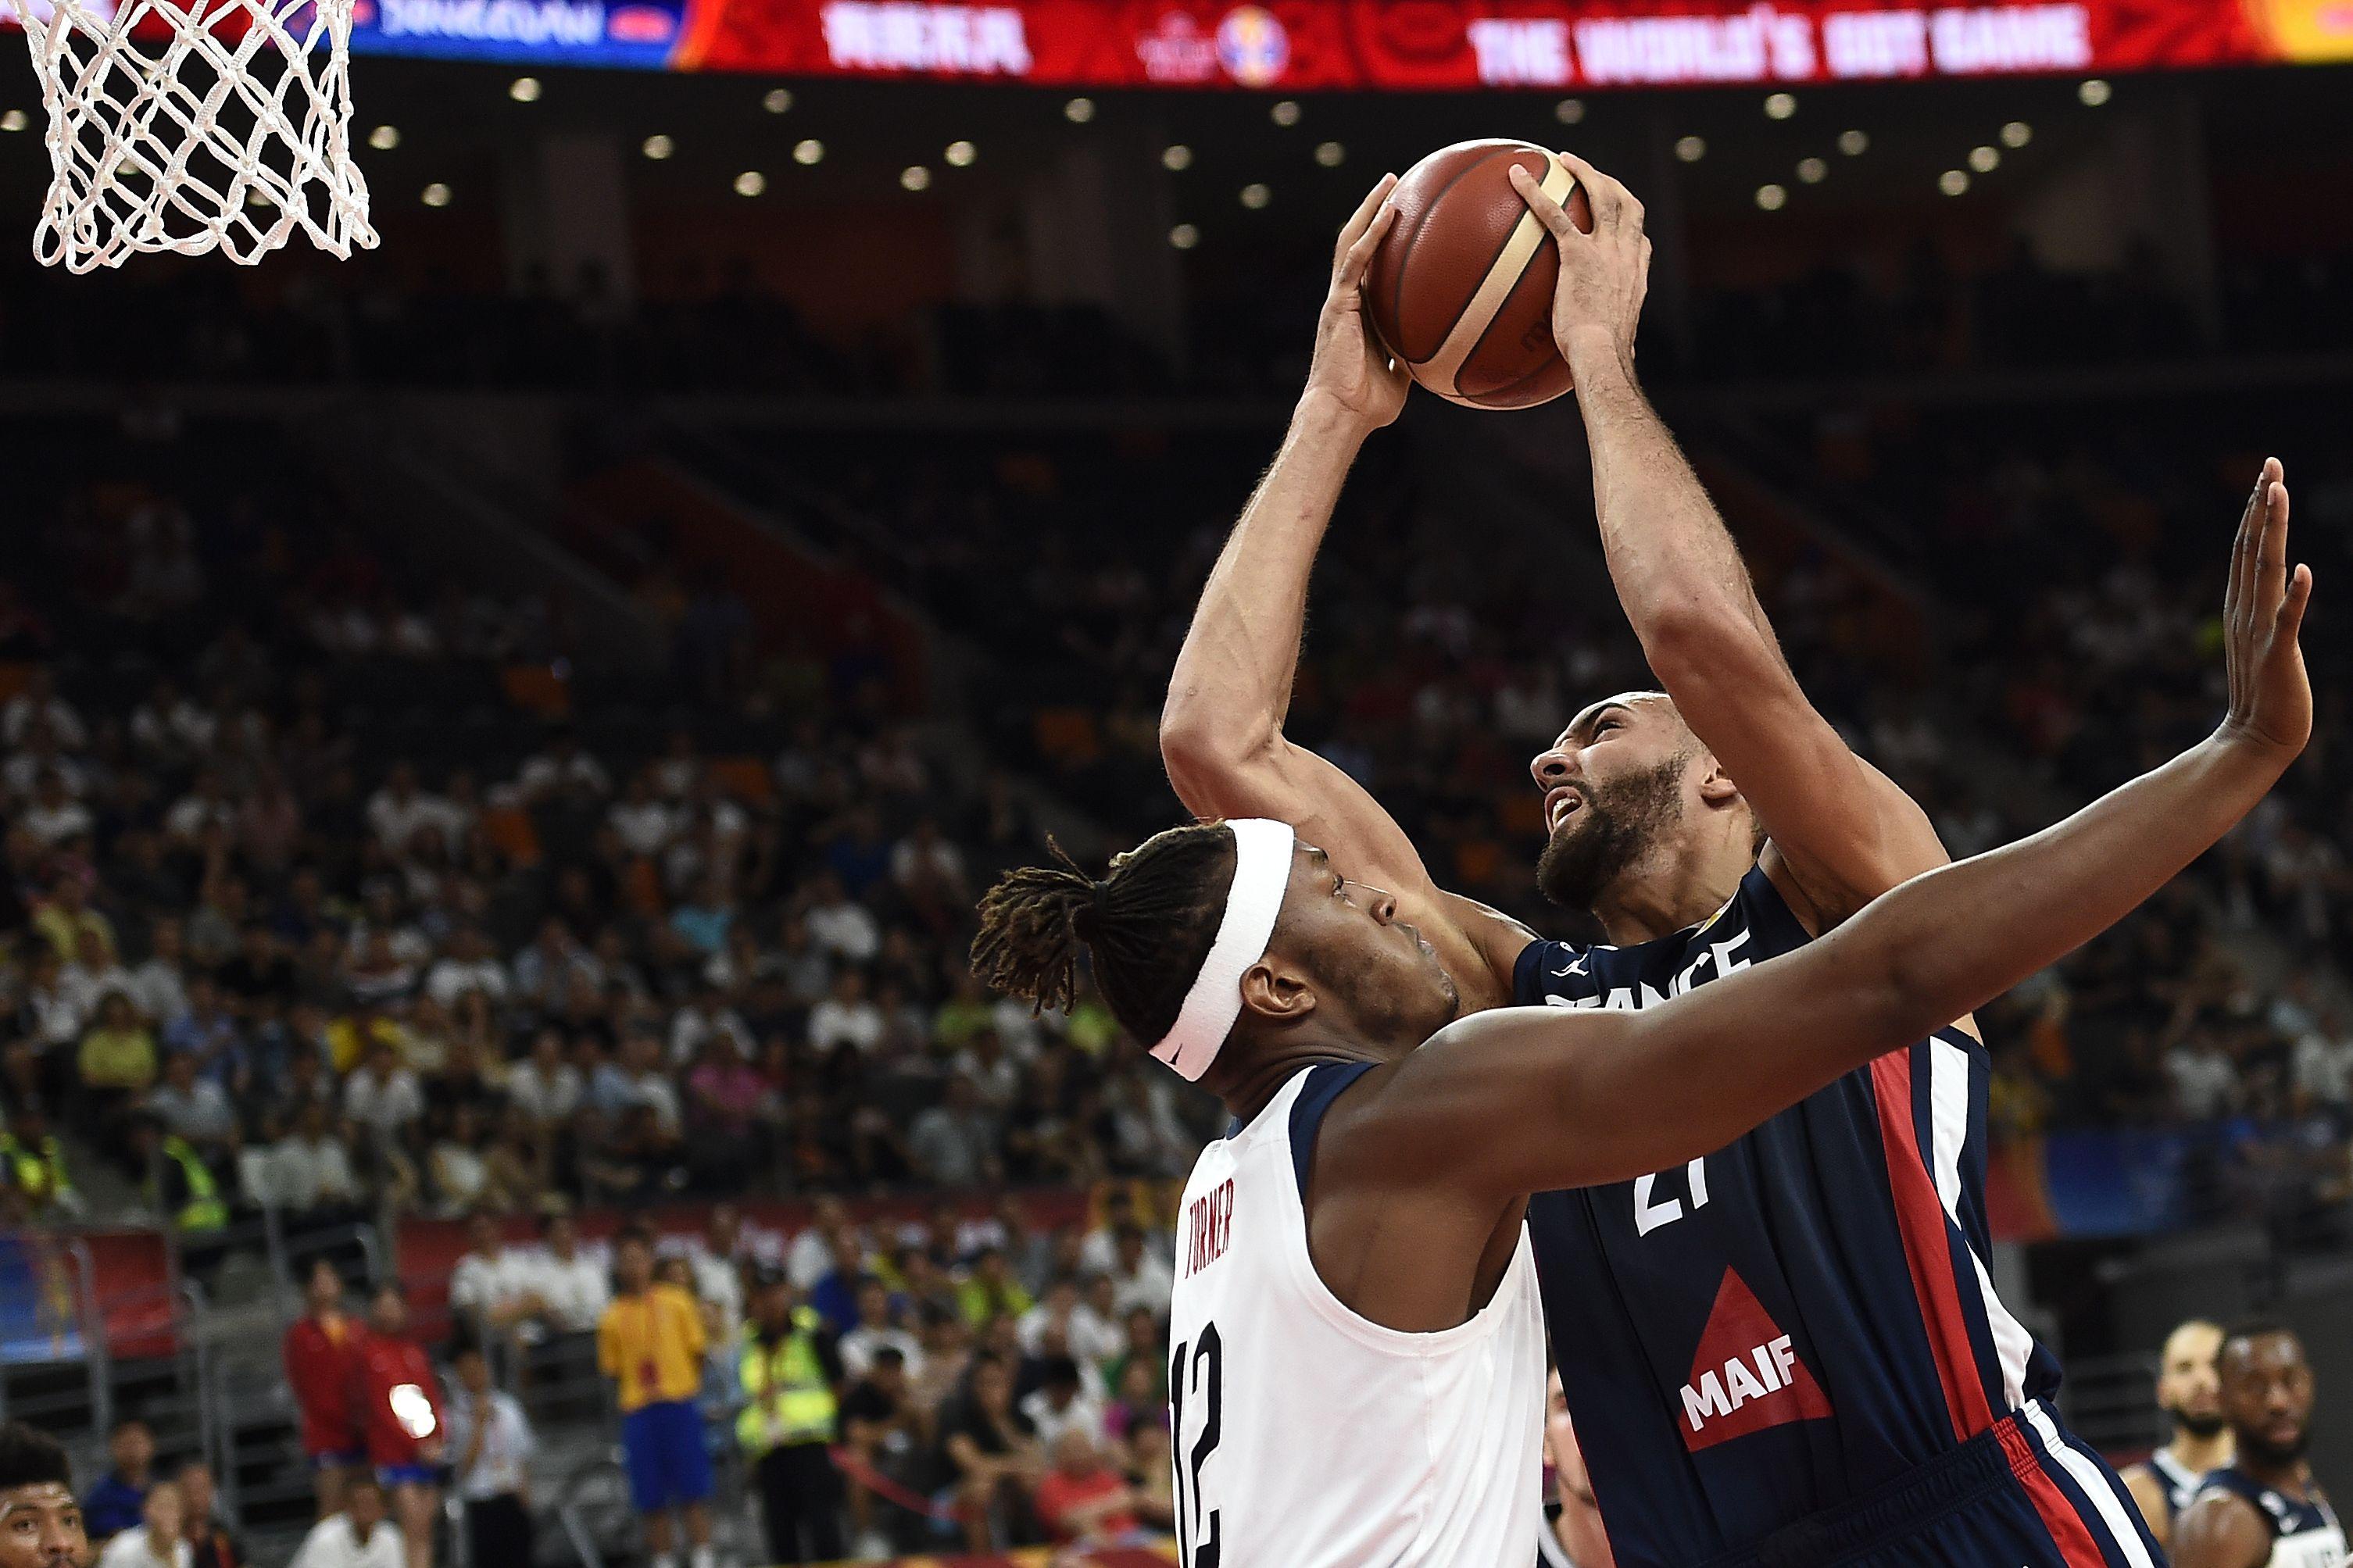 Basket - Equipe de France - Les meilleurs moments de l'exploit français face à Team USA en vidéo